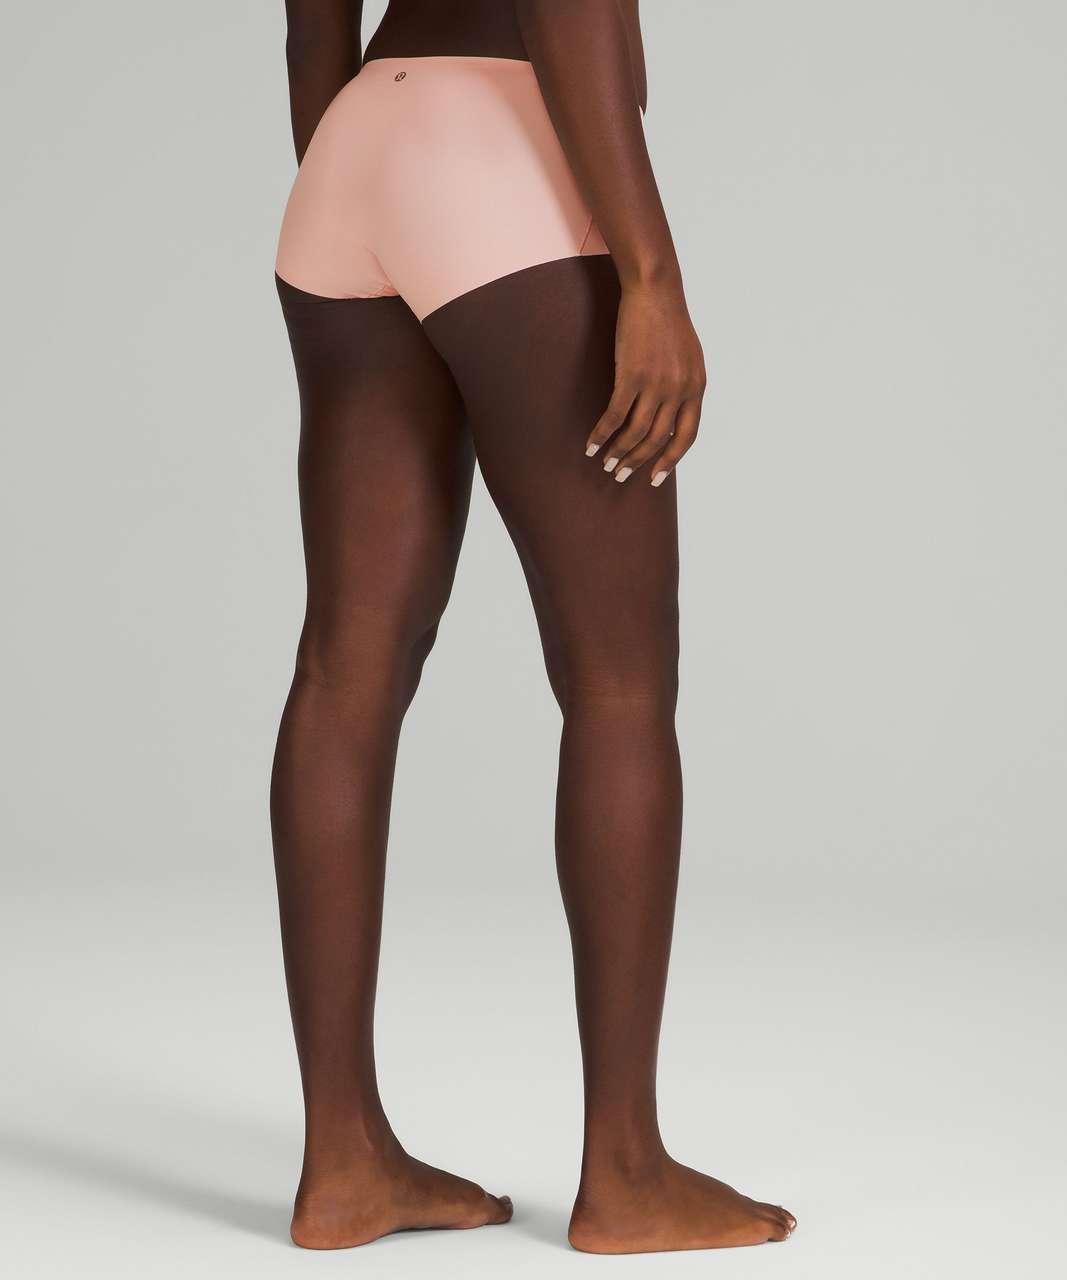 Lululemon InvisiWear Mid Rise Boyshort Underwear 3 Pack - Heritage 365 Camo Mini Rotated Pecan Tan Multi / Pink Mist / Black